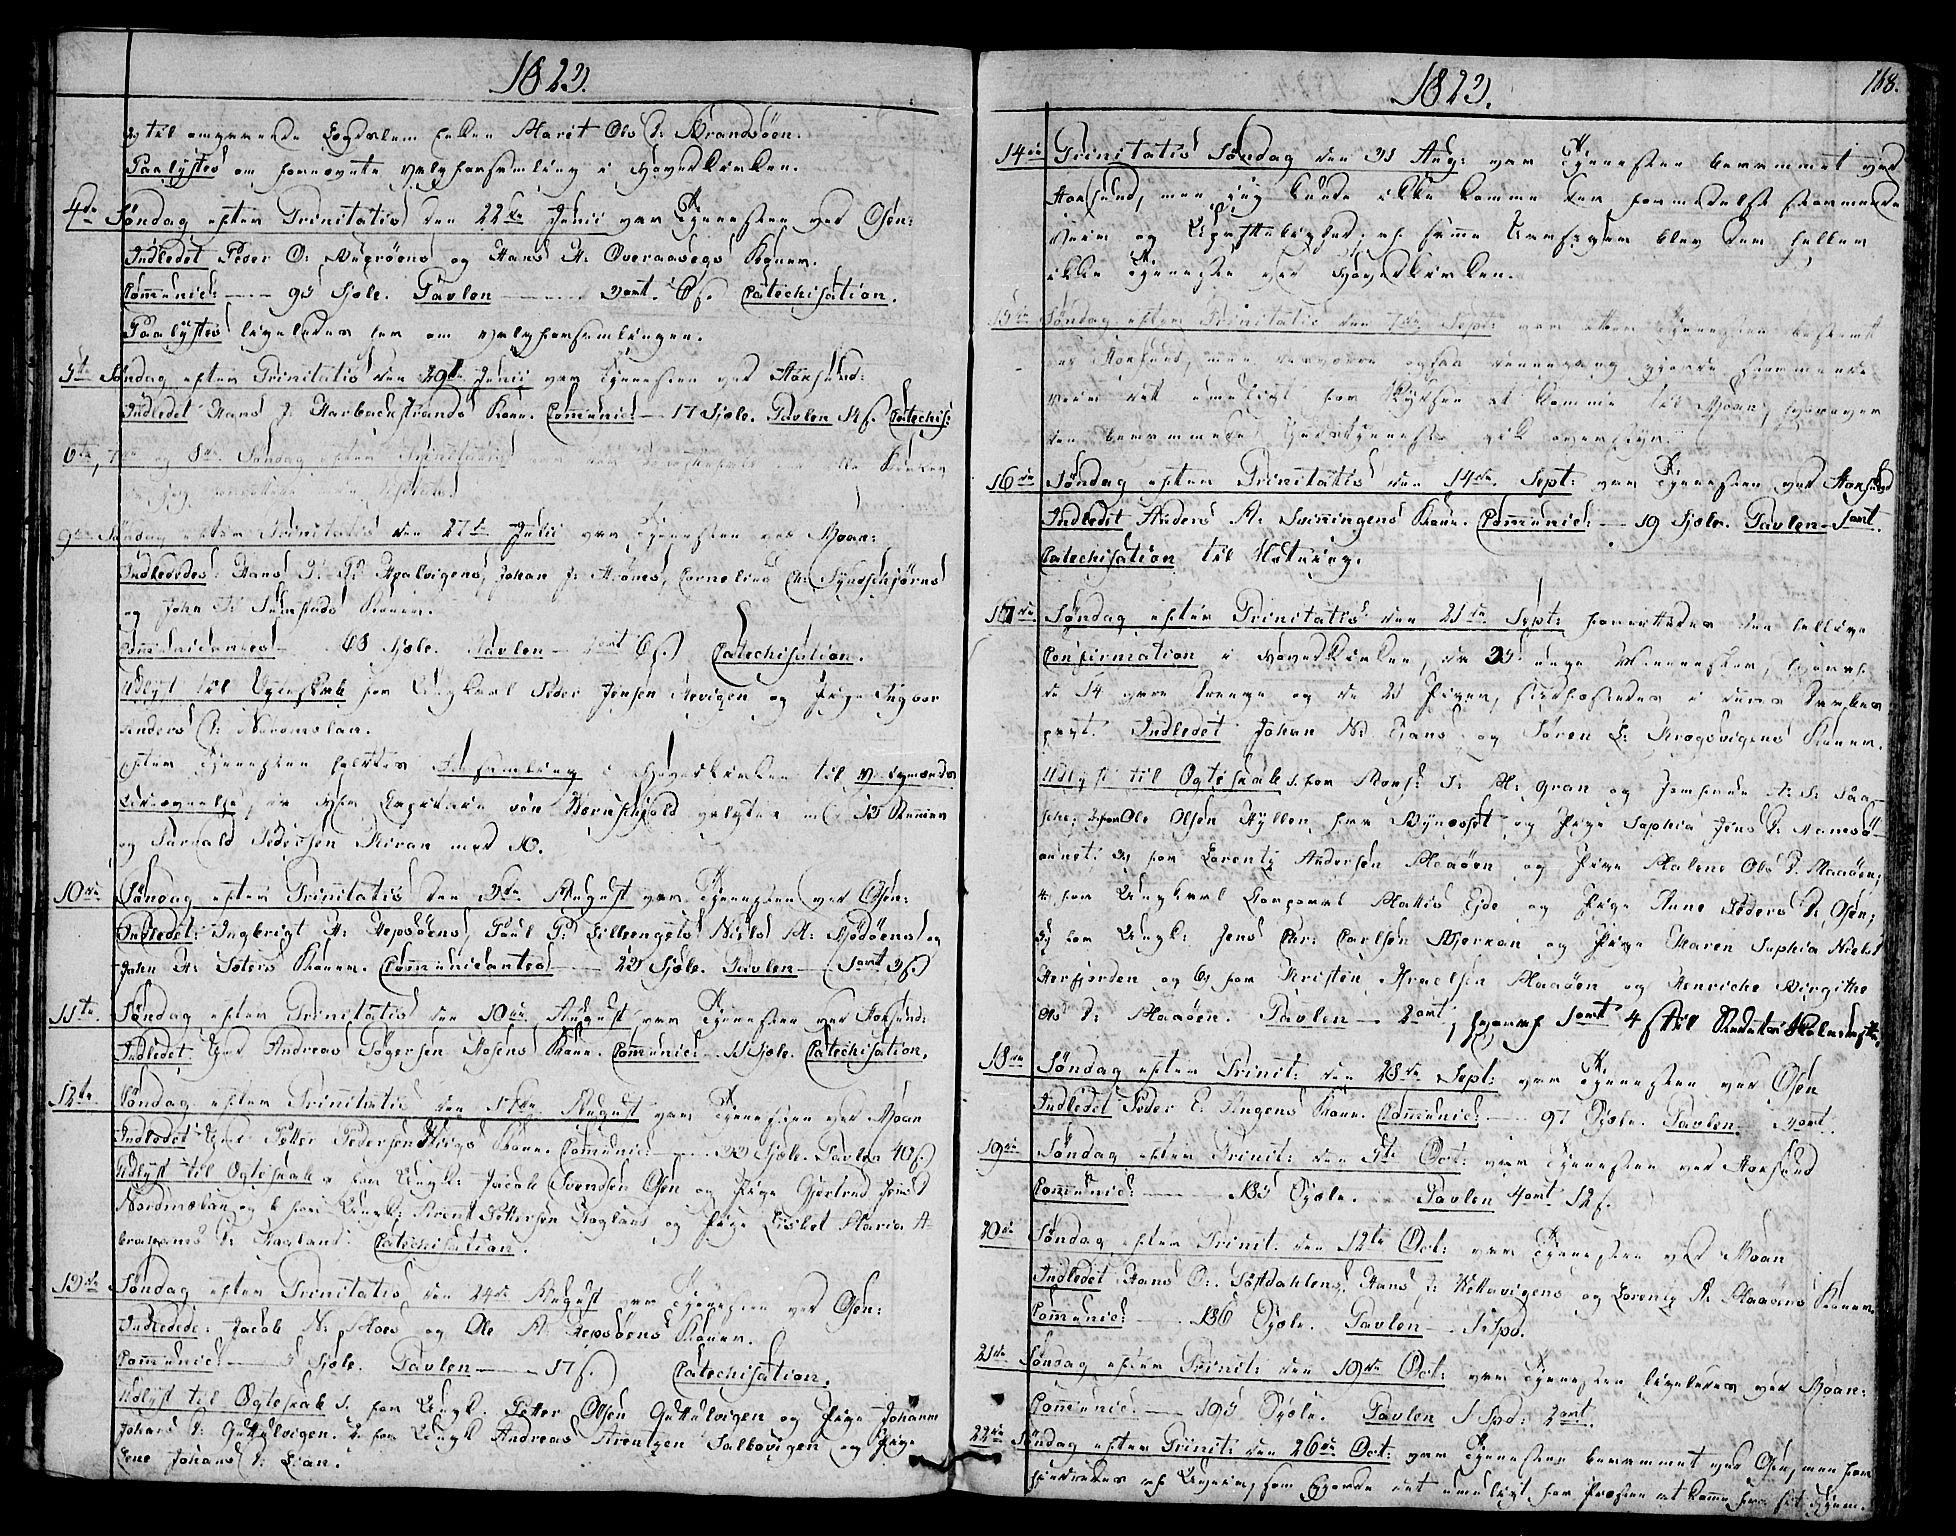 SAT, Ministerialprotokoller, klokkerbøker og fødselsregistre - Sør-Trøndelag, 657/L0701: Ministerialbok nr. 657A02, 1802-1831, s. 168